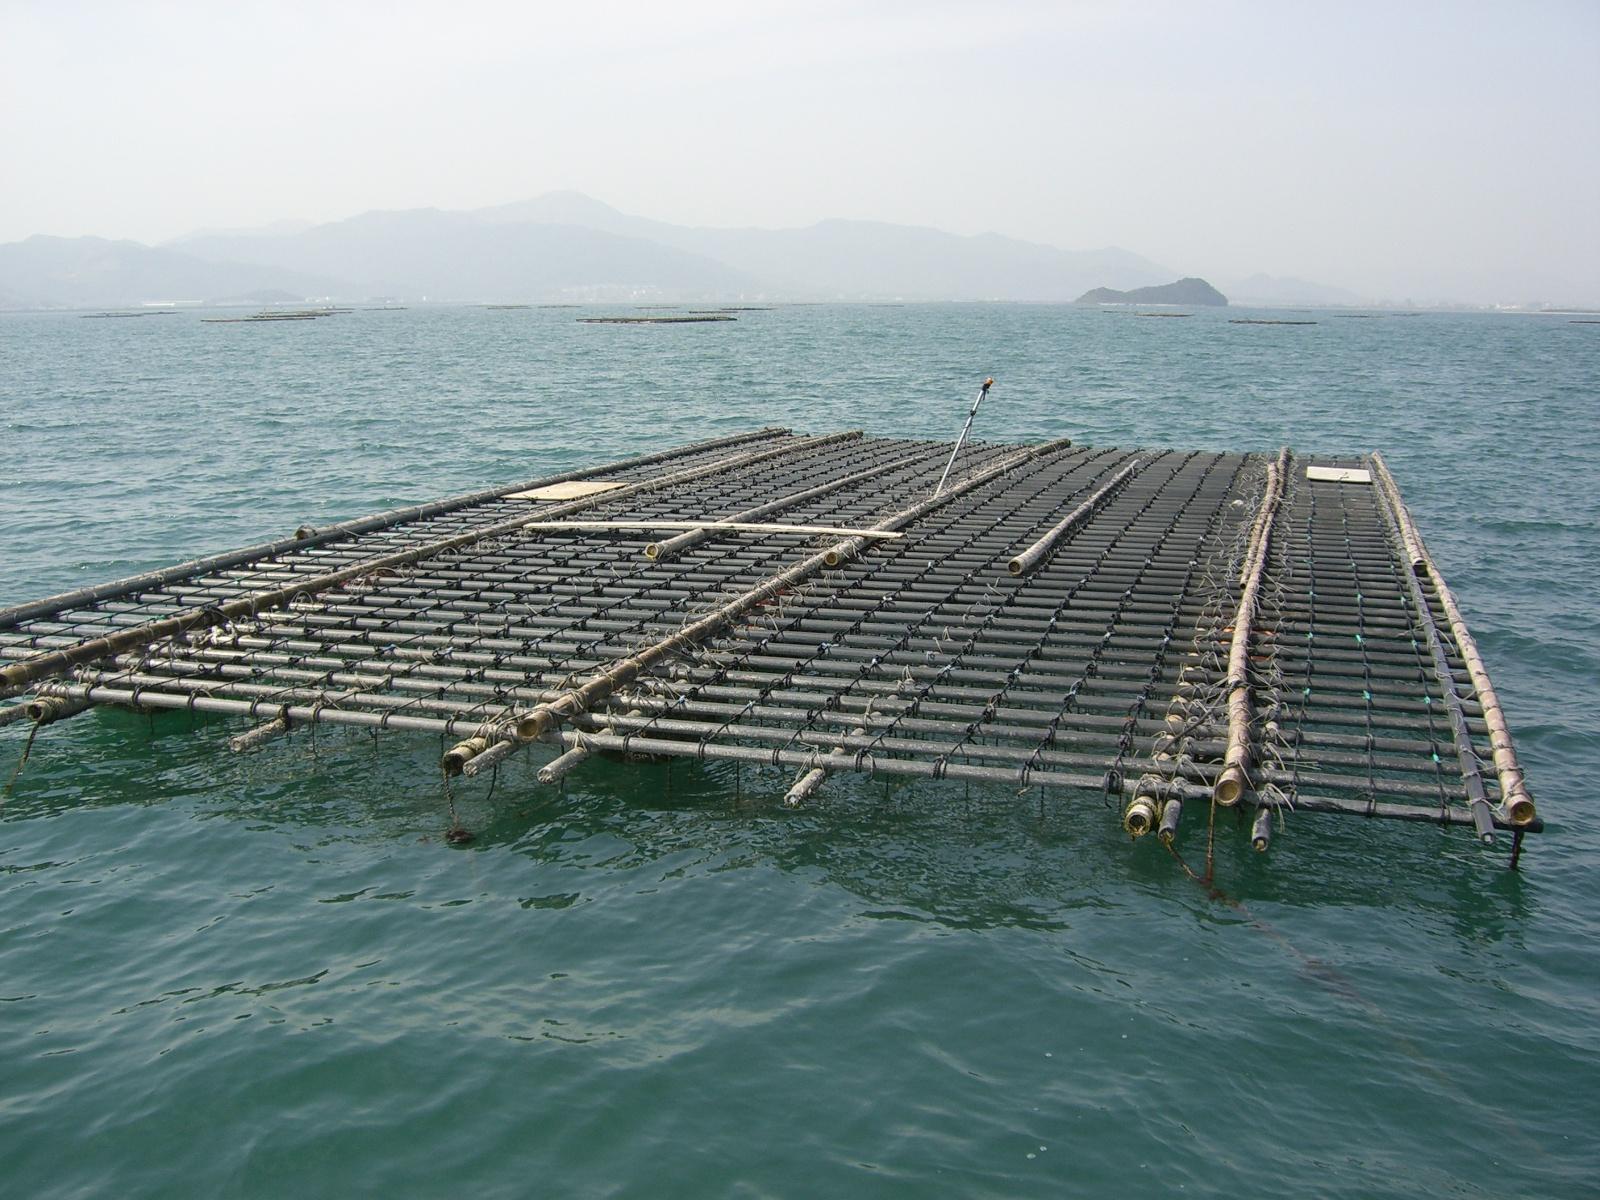 かき養殖筏(豊前海)の画像